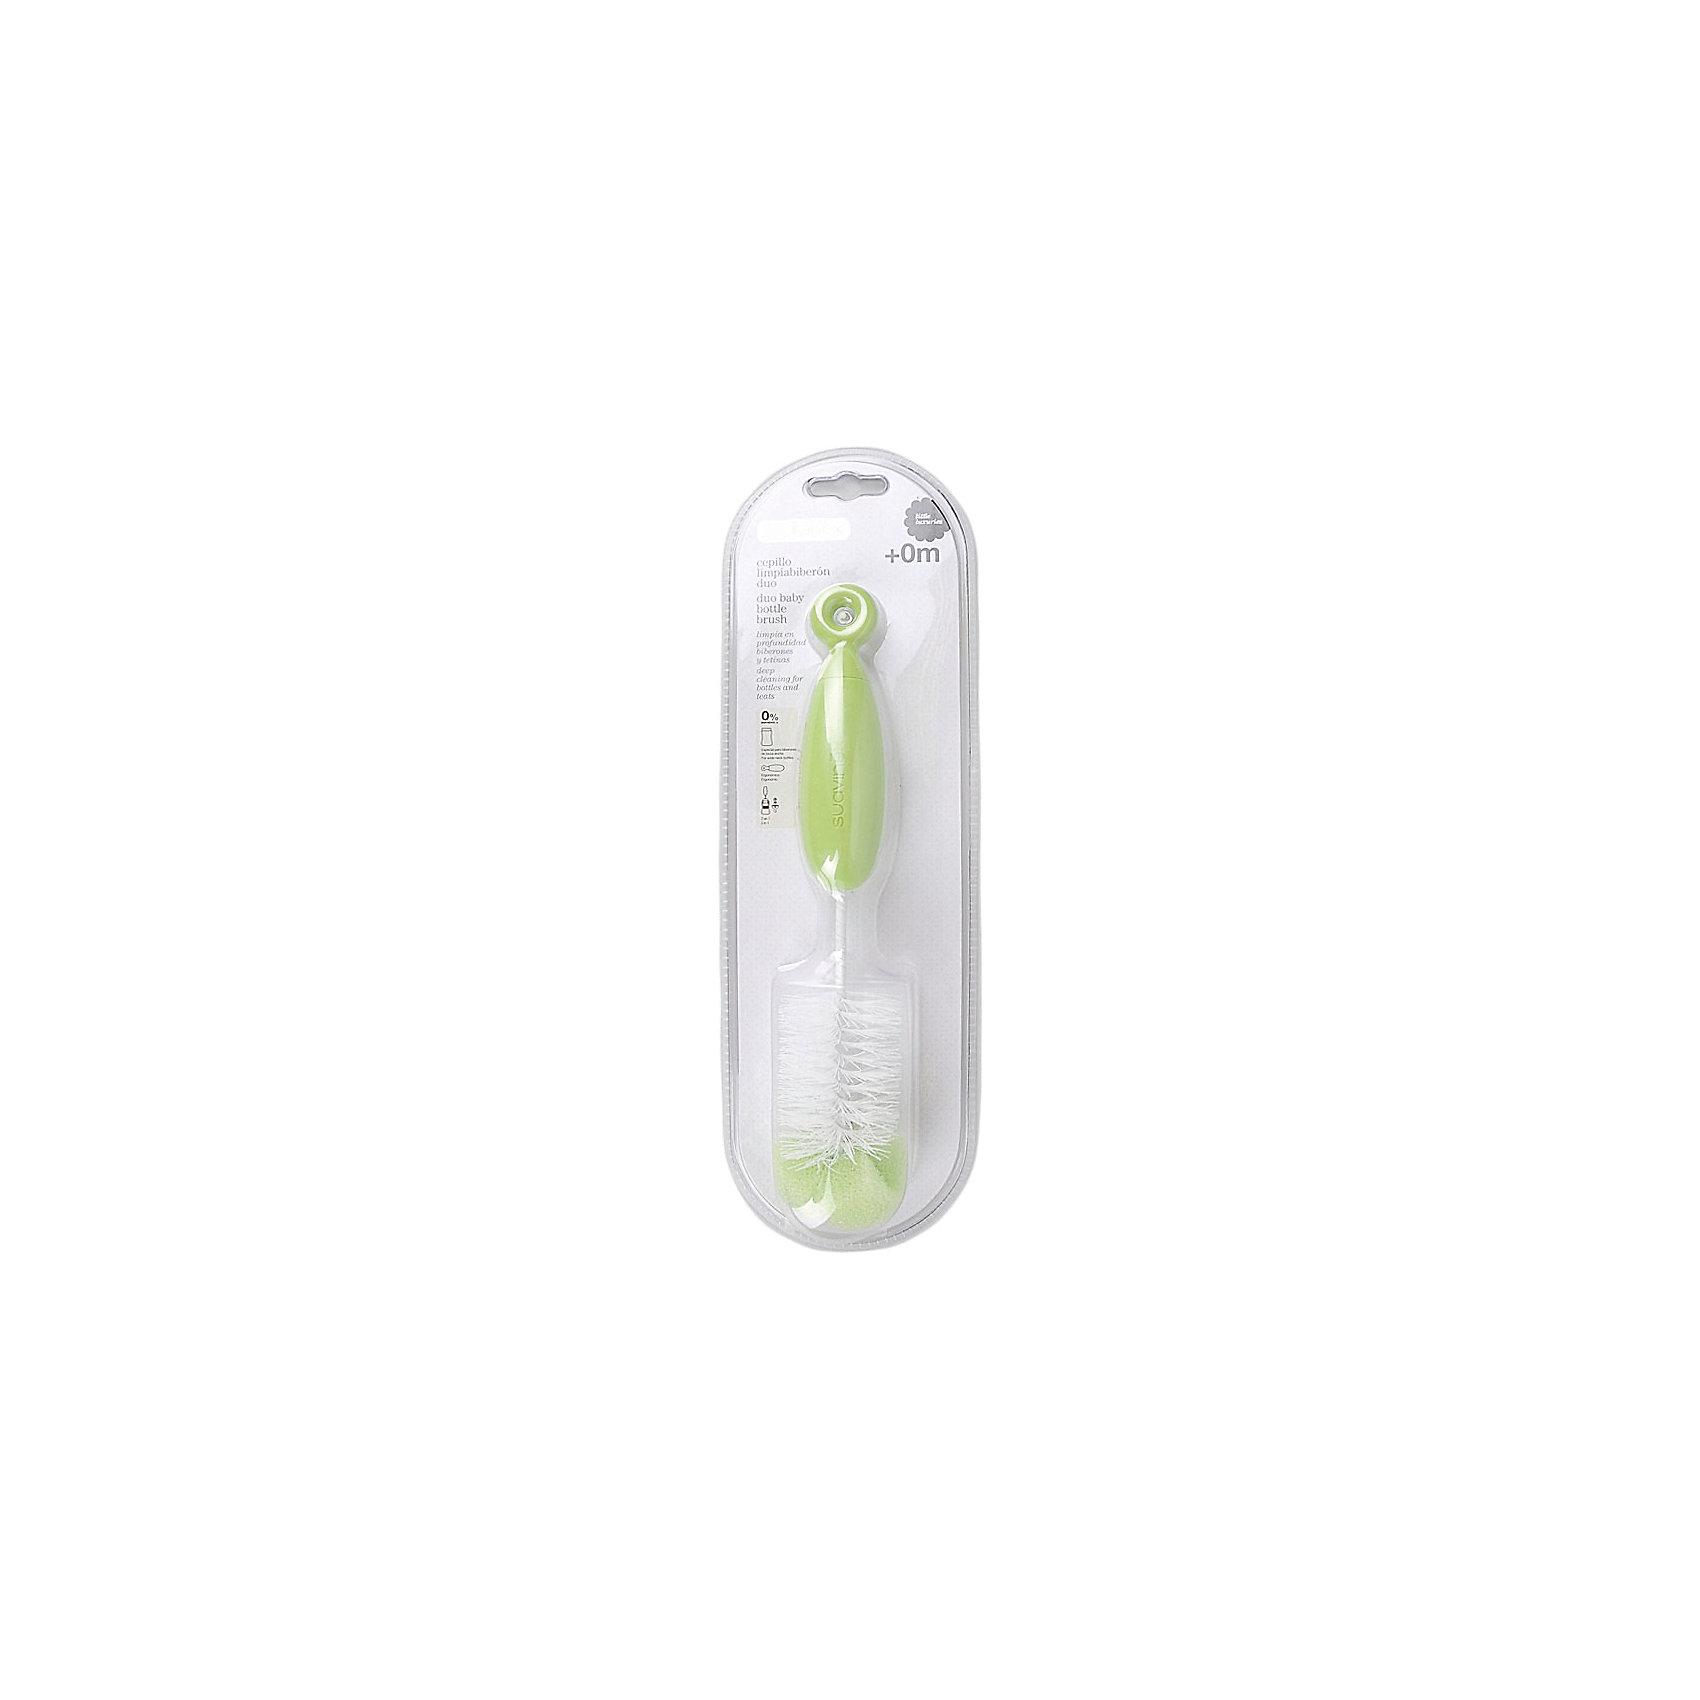 Ершик для бутылочек от 0 мес, Suavinex, зеленыйБутылочки и аксессуары<br>Характеристики:<br><br>• Наименование: ершик для мытья бутылок<br>• Материал: пластик<br>• Цвет: белый, зеленый<br>• Универсальный размер<br>• На конце ершика имеется губка <br>• Вес: 30 г<br>• Параметры (Д*Ш*В): 8*11*37 см <br>• Упаковка: блистер на картонной подложке<br><br>Ершик для бутылочек от 0 мес, Suavinex, зеленый изготовлен испанским торговым брендом, специализирующимся на выпуске товаров для кормления и аксессуаров новорожденным и младенцам. <br><br>Ершик предназначен для мытья детских бутылочек и сосок. Изготовлен из экологически безопасных материалов. Щетина у ершика густая и имеет среднюю степеь жесткости, что обеспечивает легкое удаление даже засохших загрязнений. <br><br>На конце ершика предусмотрена губка, которая обеспечивает тщательное очищение, при этом не царапая стенки бутылочки. У изделия имеется удобная эргономичная ручка и кольцо для его подвешивания. Ершик достаточно легко очищается от загрязнений, его можно обрабатывать кипятком. Имеет универсальный размер, подходящий для любых бутылочек.<br><br>Ершик для бутылочек от 0 мес, Suavinex, зеленый можно купить в нашем интернет-магазине.<br><br>Ширина мм: 80<br>Глубина мм: 110<br>Высота мм: 370<br>Вес г: 30<br>Возраст от месяцев: 0<br>Возраст до месяцев: 24<br>Пол: Унисекс<br>Возраст: Детский<br>SKU: 5451307